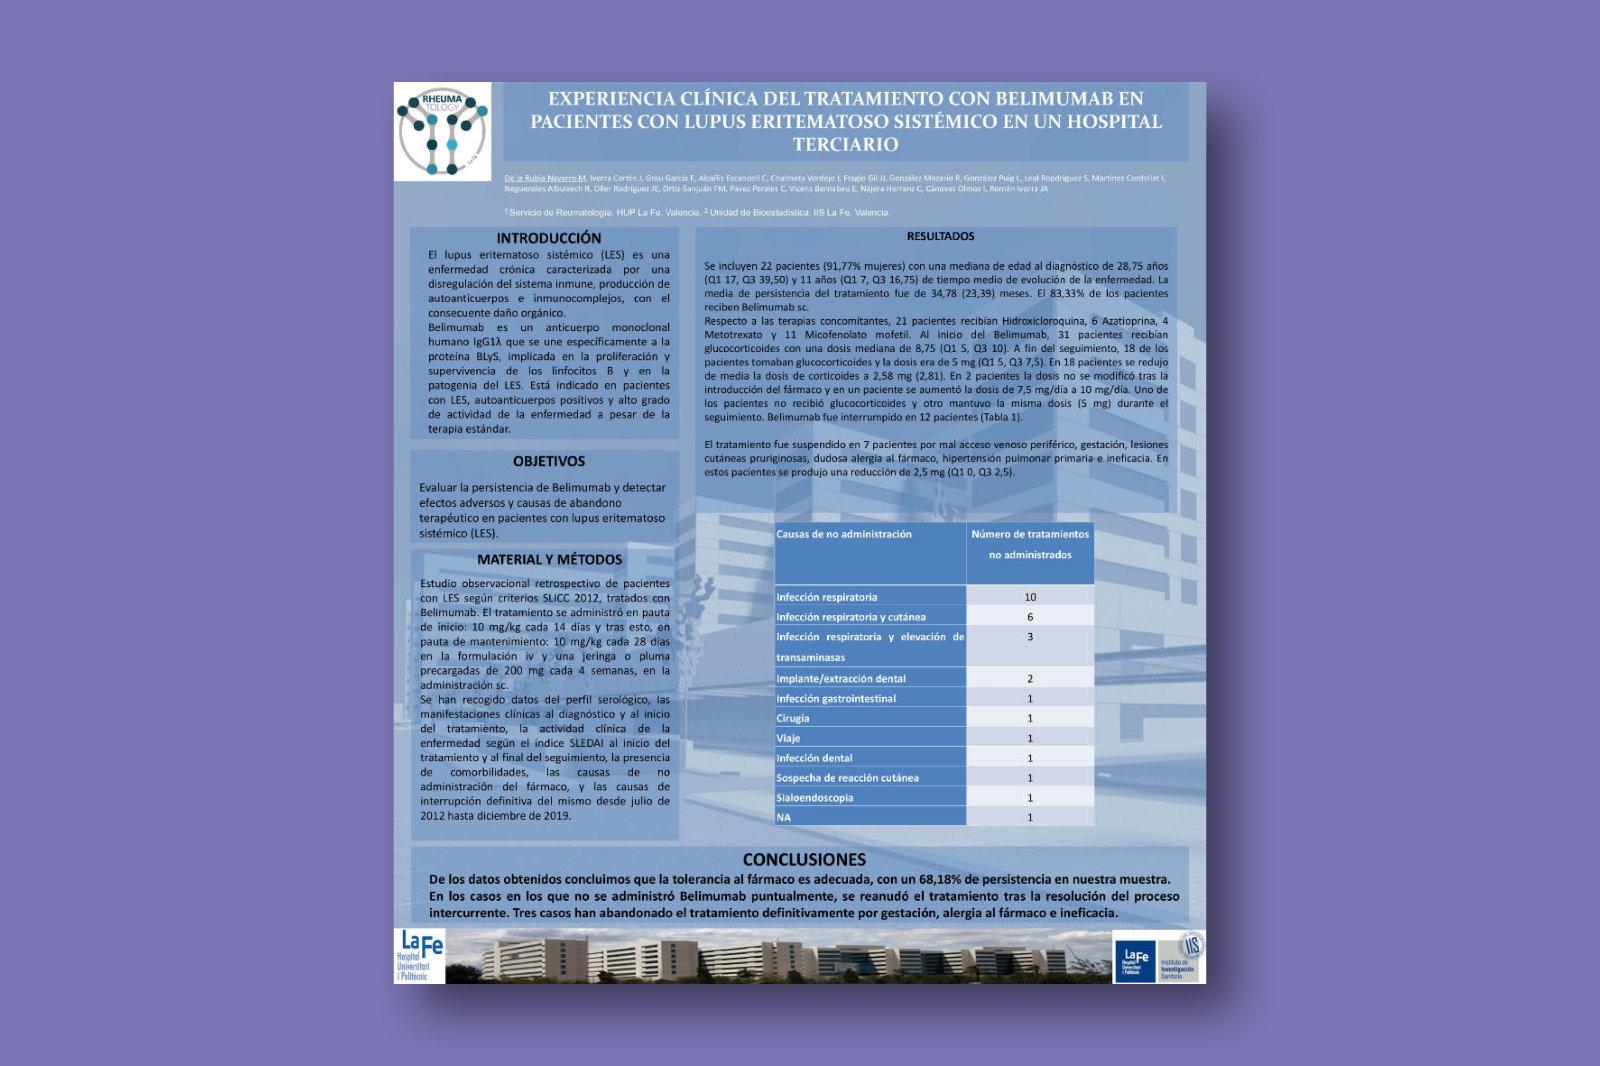 Experiencia clínica del tratamiento con belimumab en pacientes con lupus eritematoso sistémico en un hospital terciario